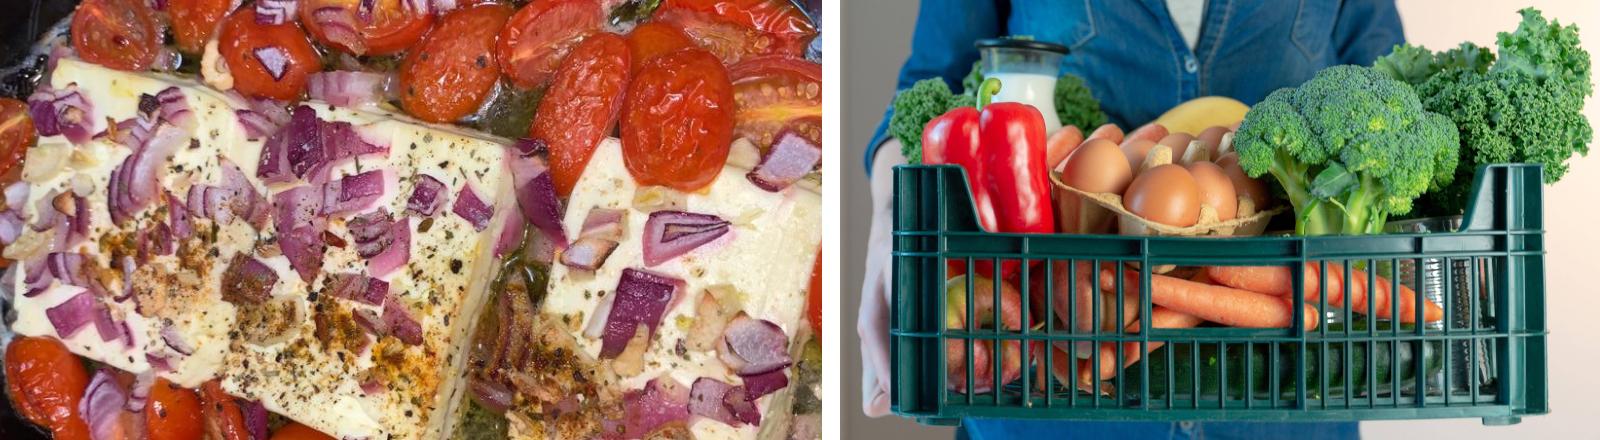 Collage aus einem Auflaufgericht mit Feta und Tomaten und einer Frau, die eine Lebensmittelkiste trägt